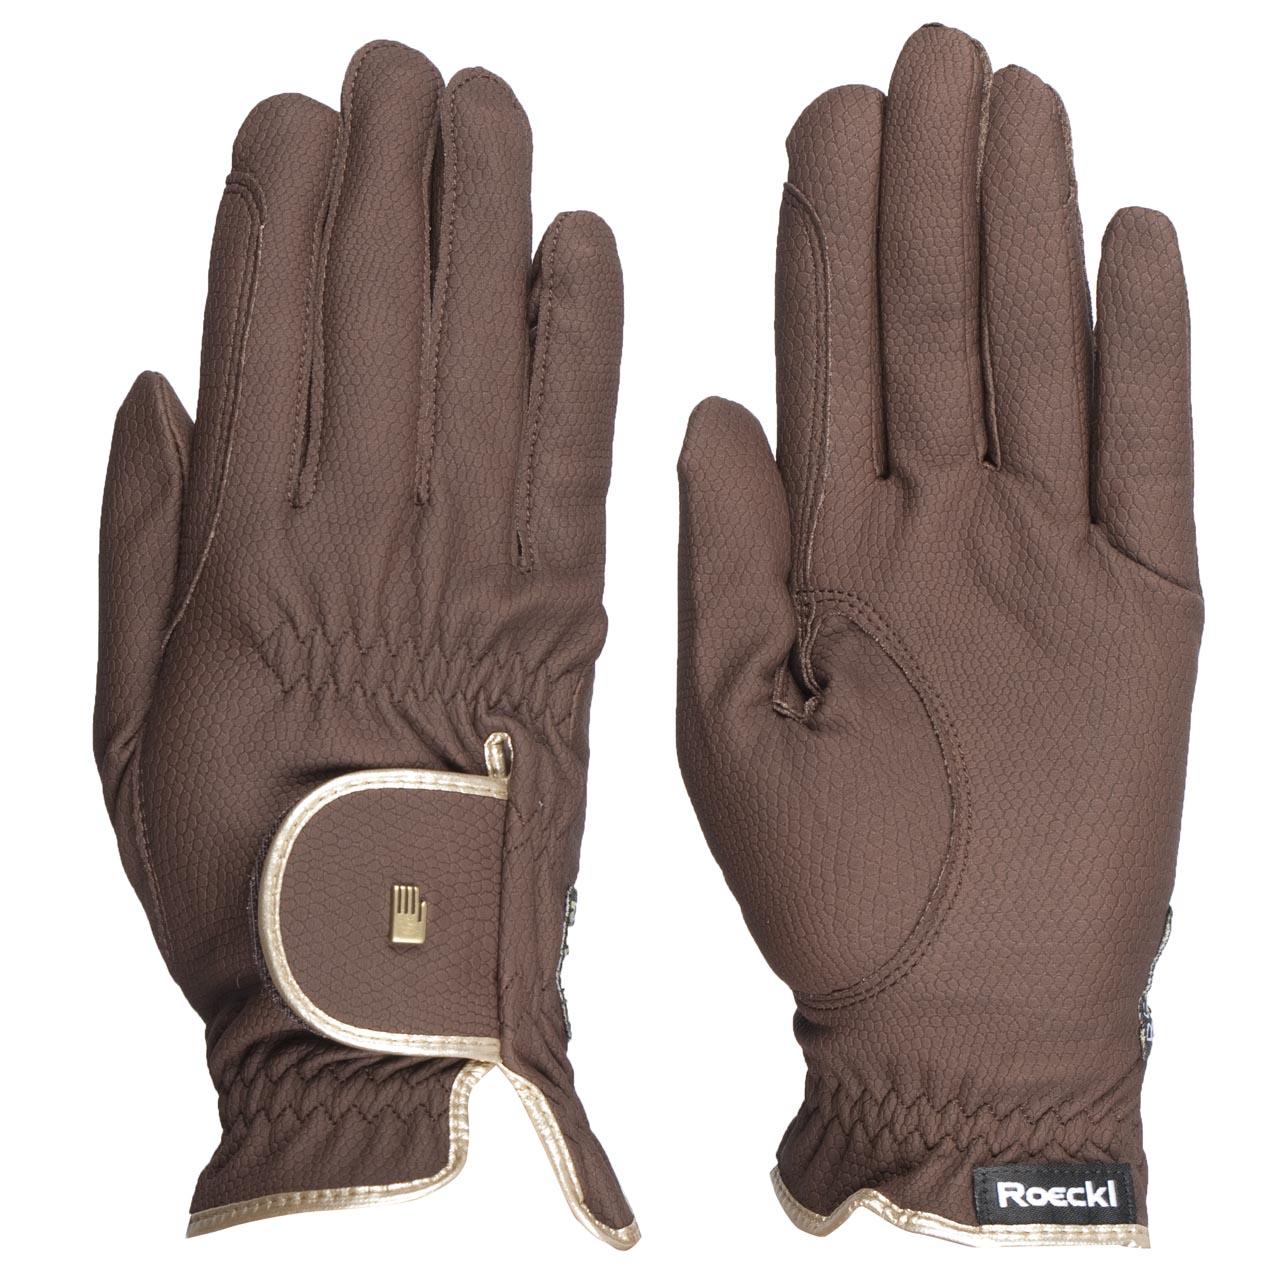 Roeckl Lona handschoenen donkerbruin maat:8